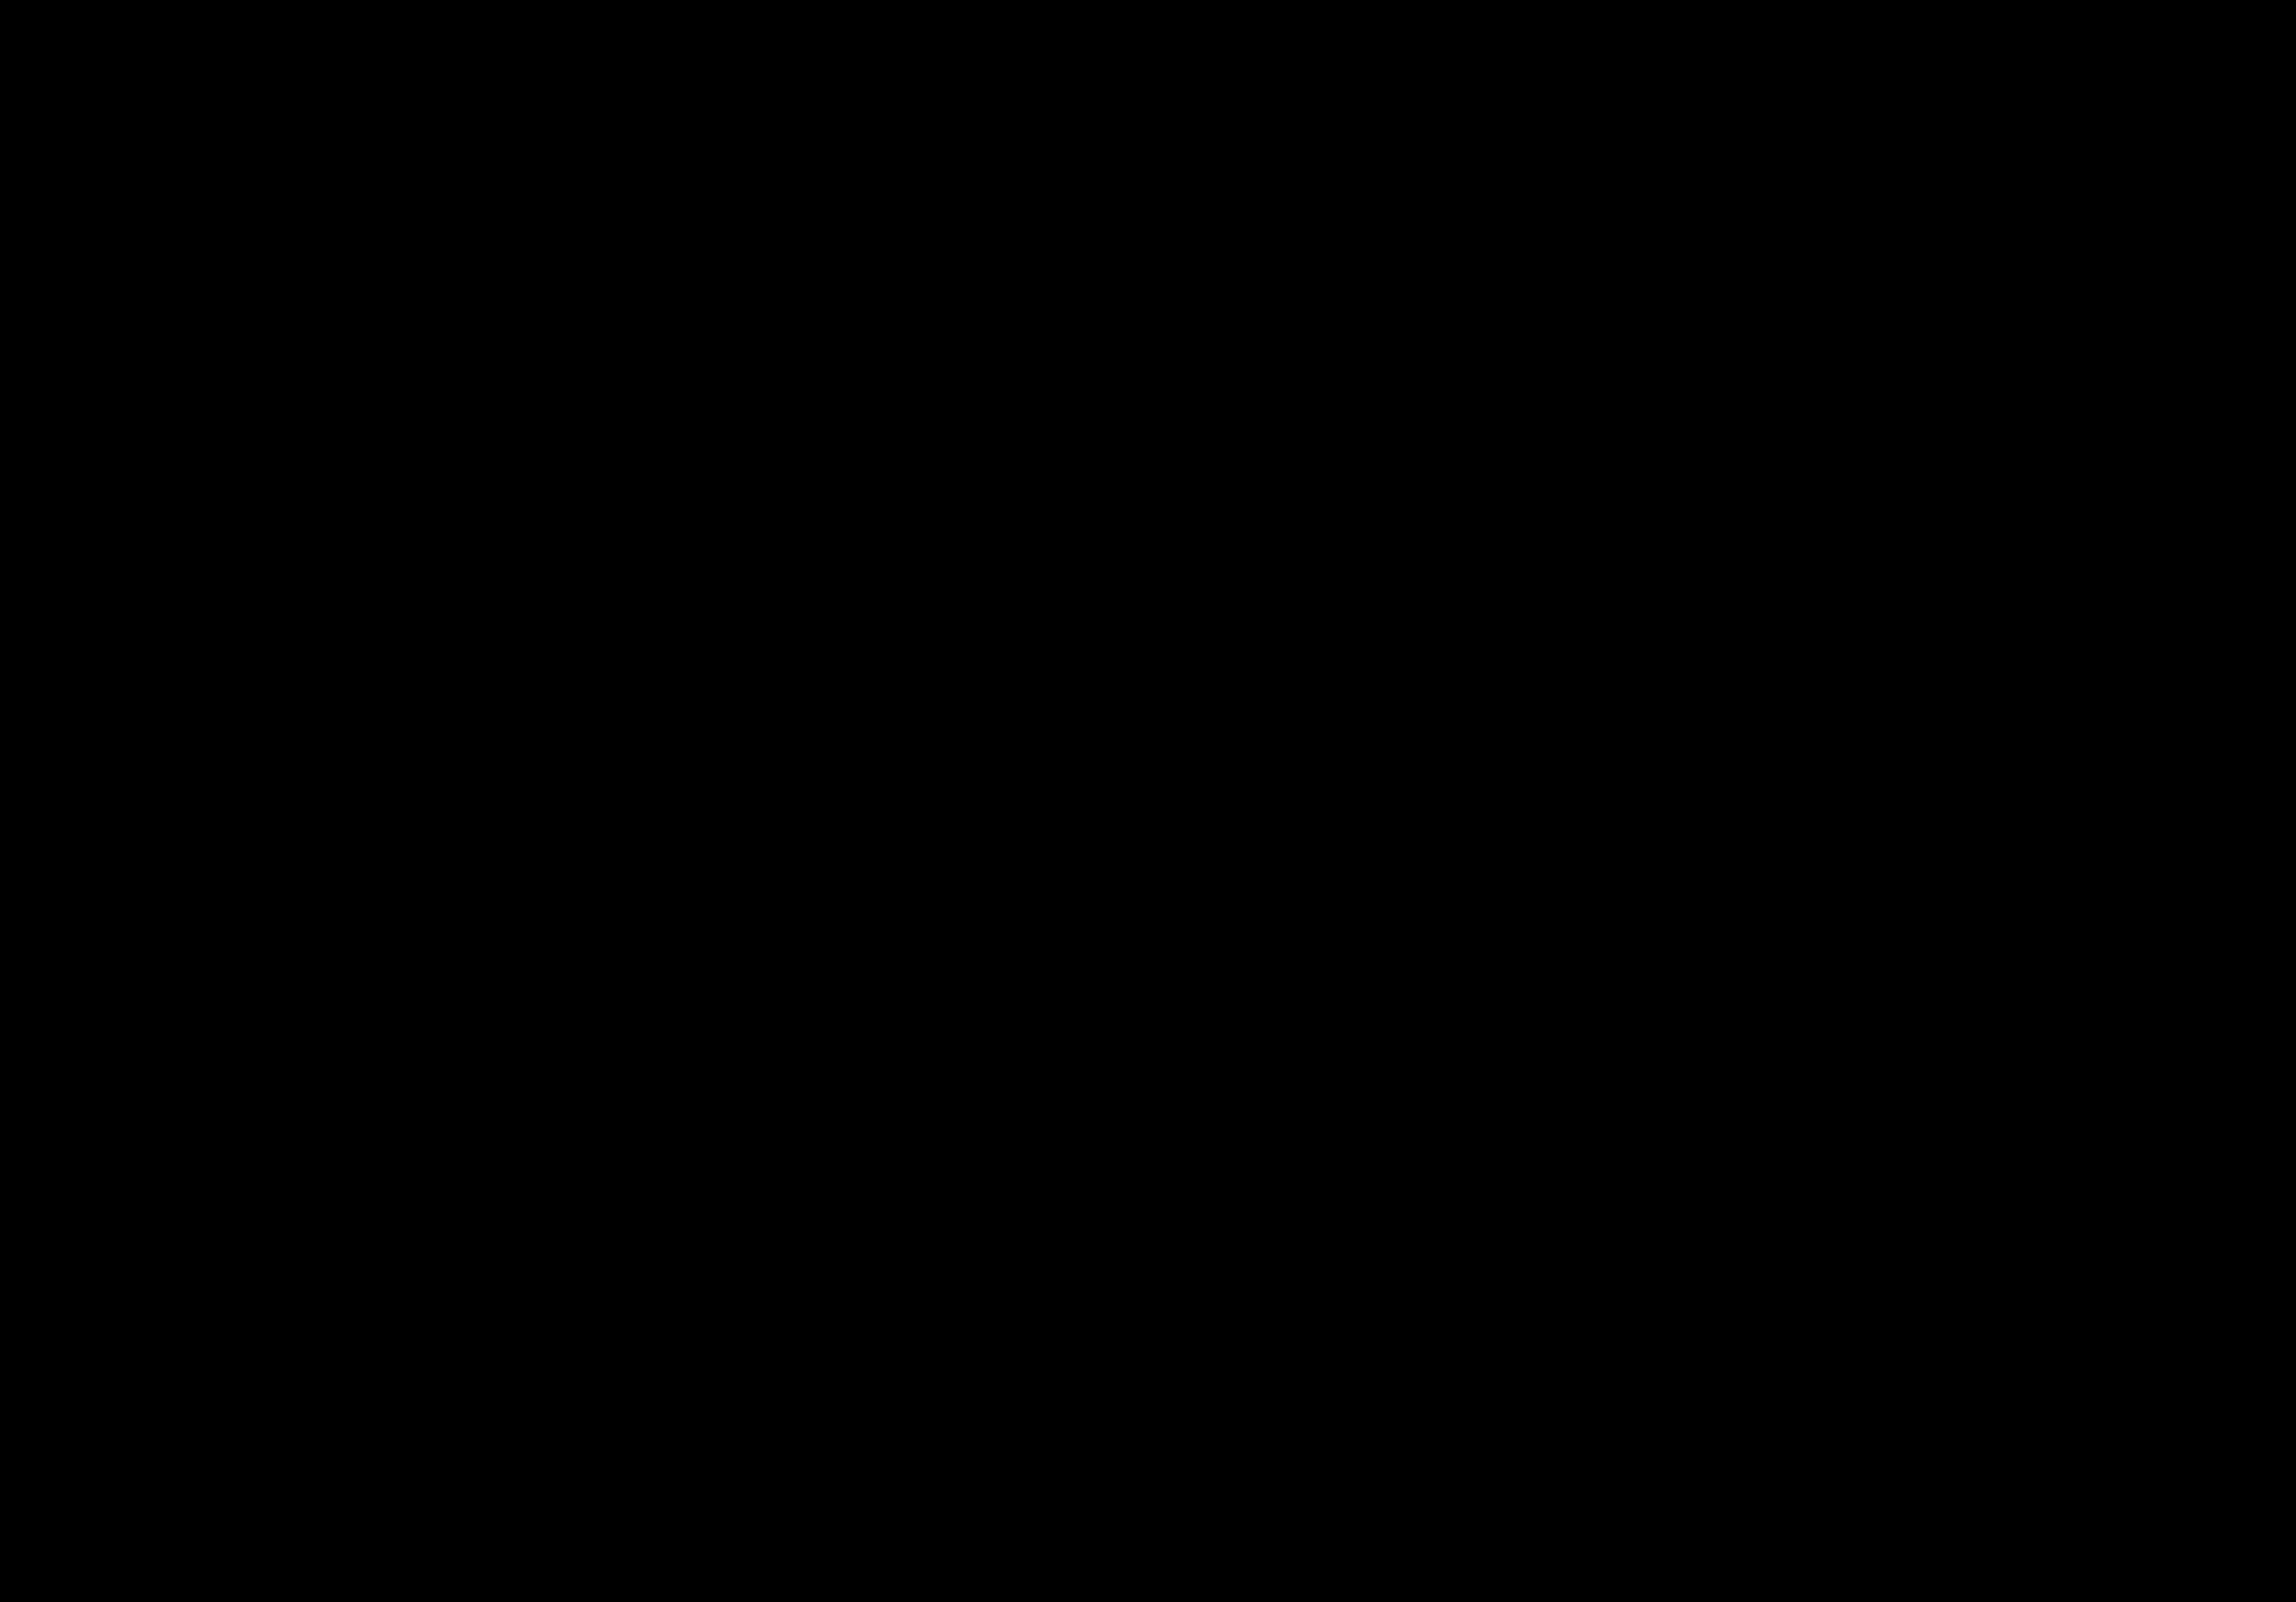 Clipart scorpio zodiac.